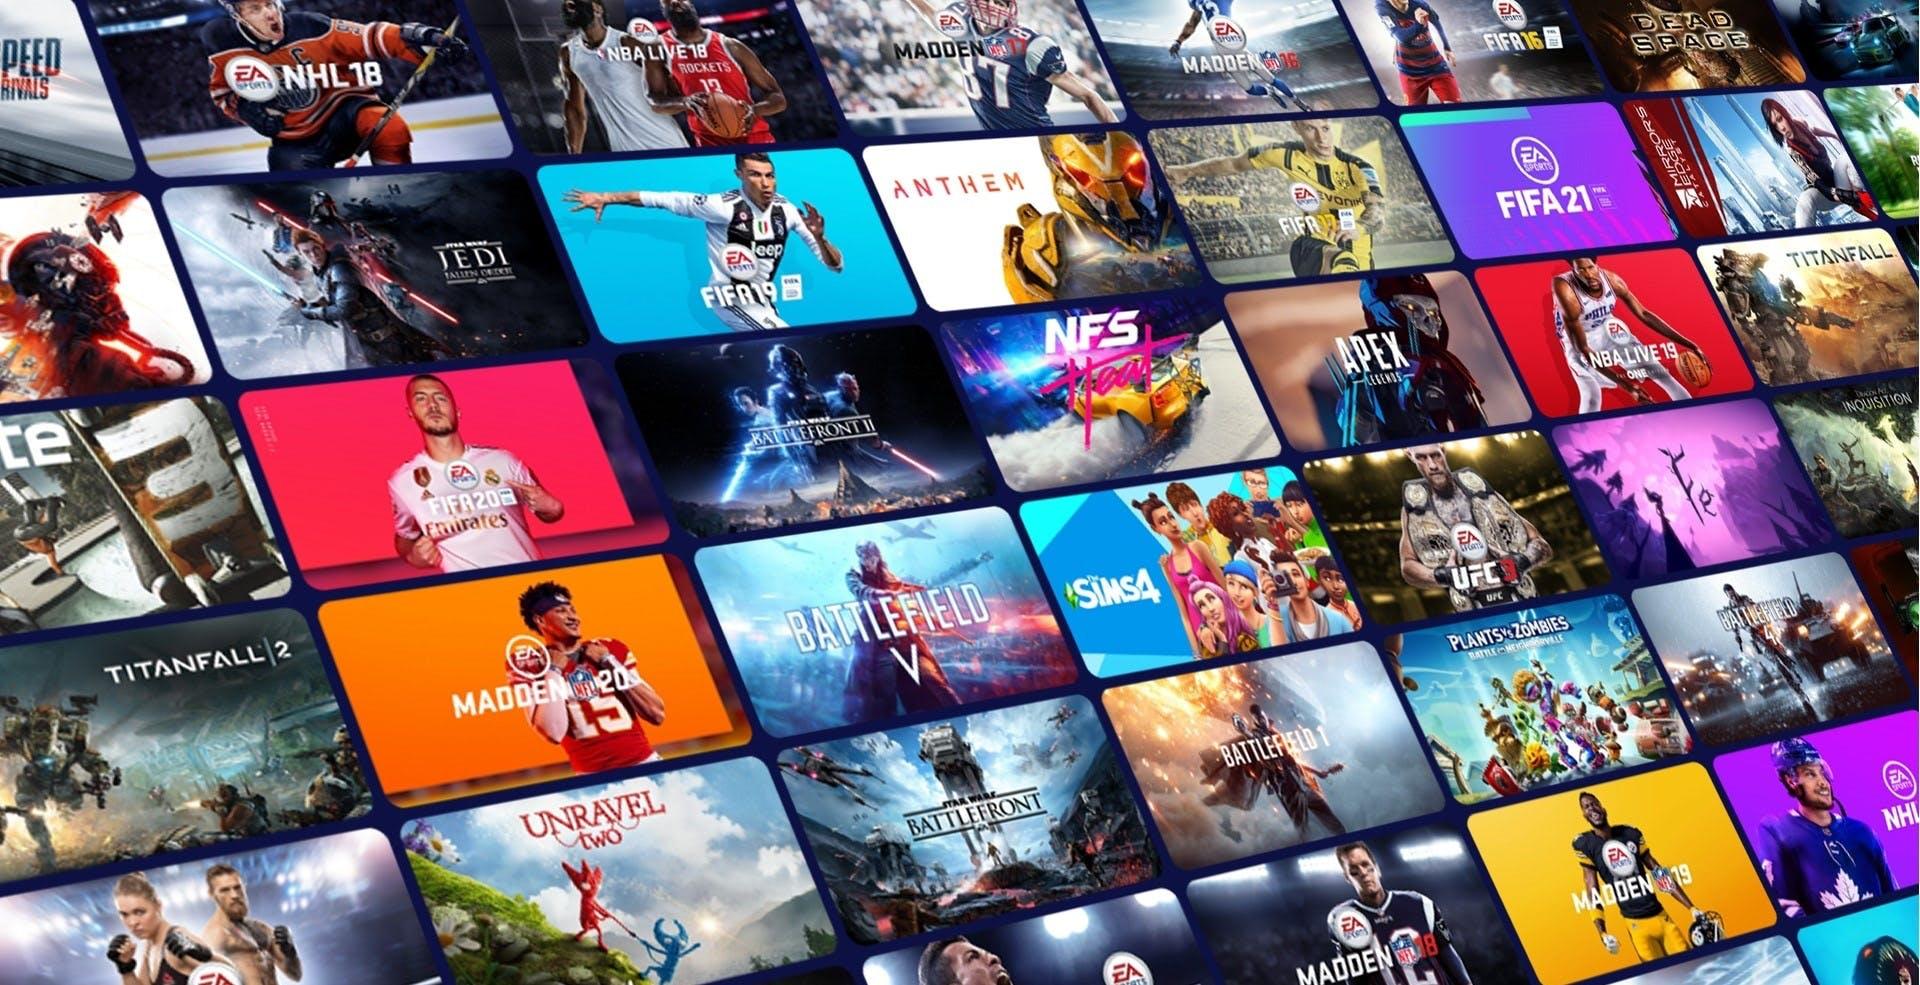 Xbox Game Pass su PC, domani arrivano i giochi di Electronic Arts. Tutto compreso nel prezzo